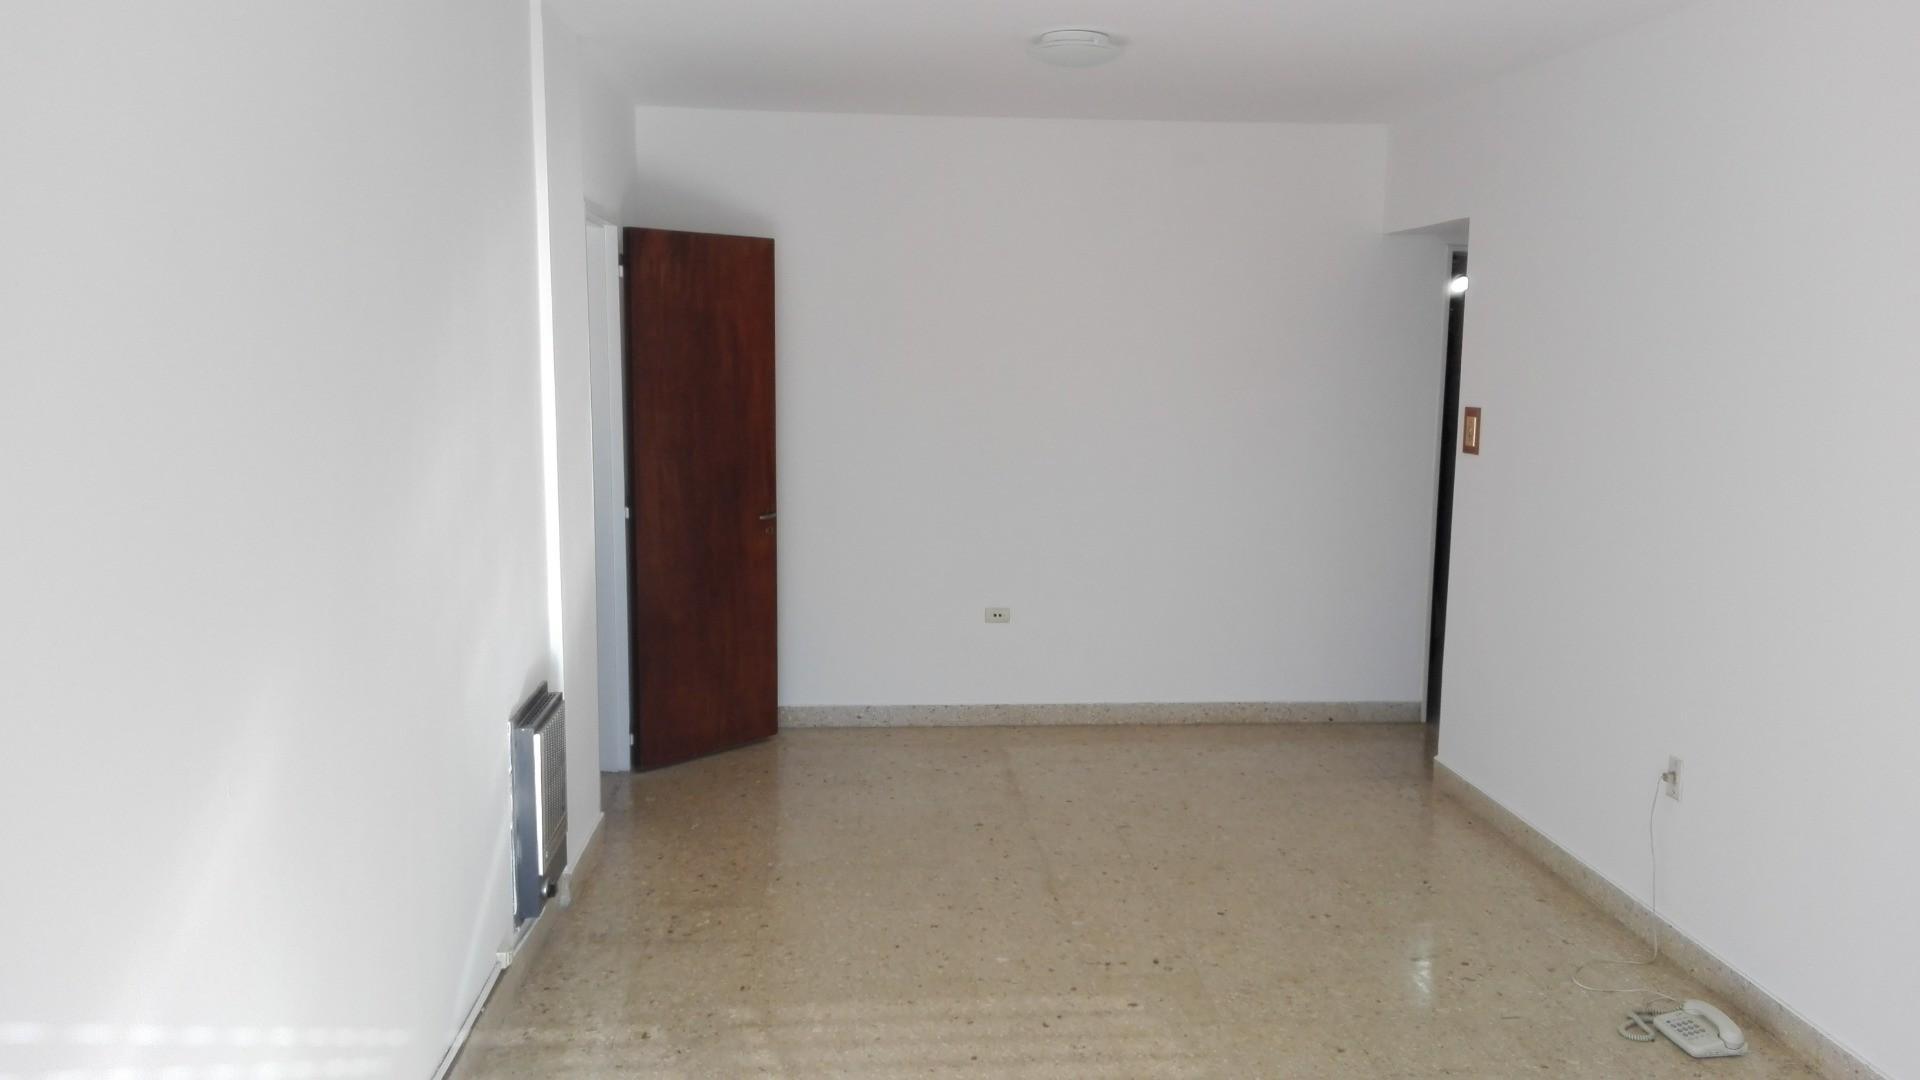 departamento 3 dormitorios mas habitacion de servicio, con cochera, frente, 55 esquina 5